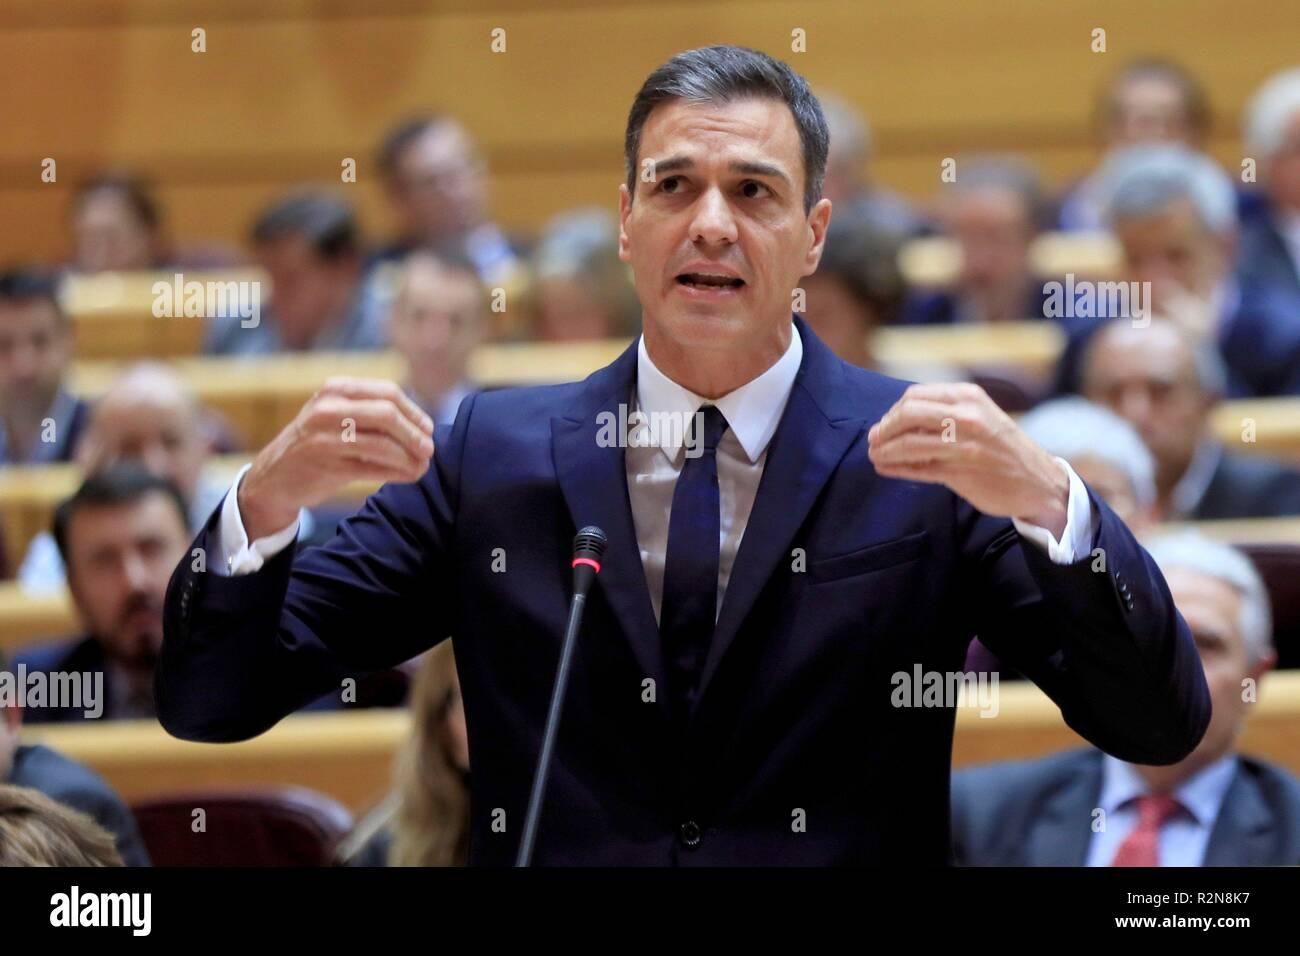 Madrid, España. 20 Nov, 2018. El Primer Ministro español, Pedro Sánchez, asiste a la sesión del Senado en Madrid, España, 20 de noviembre de 2018. Crédito: Fernando Alvarado/EFE/Alamy Live News Imagen De Stock